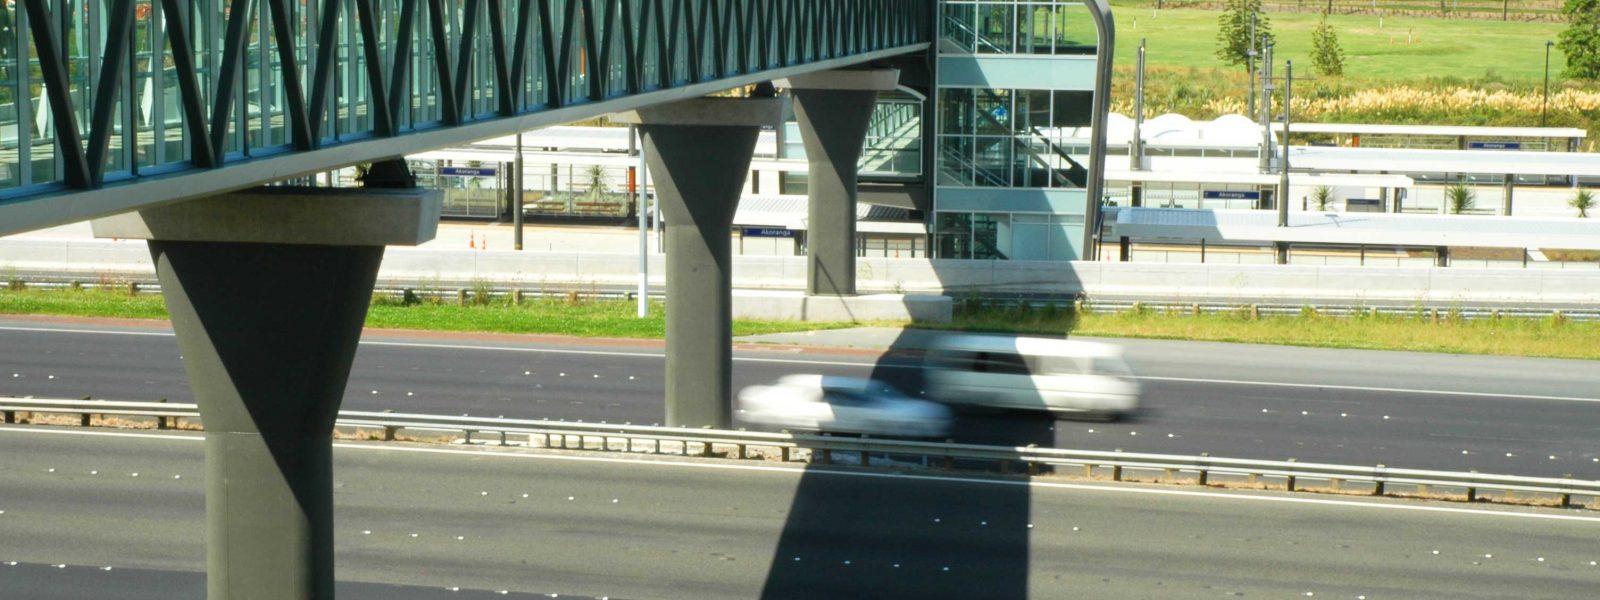 Busways-NBW-#1